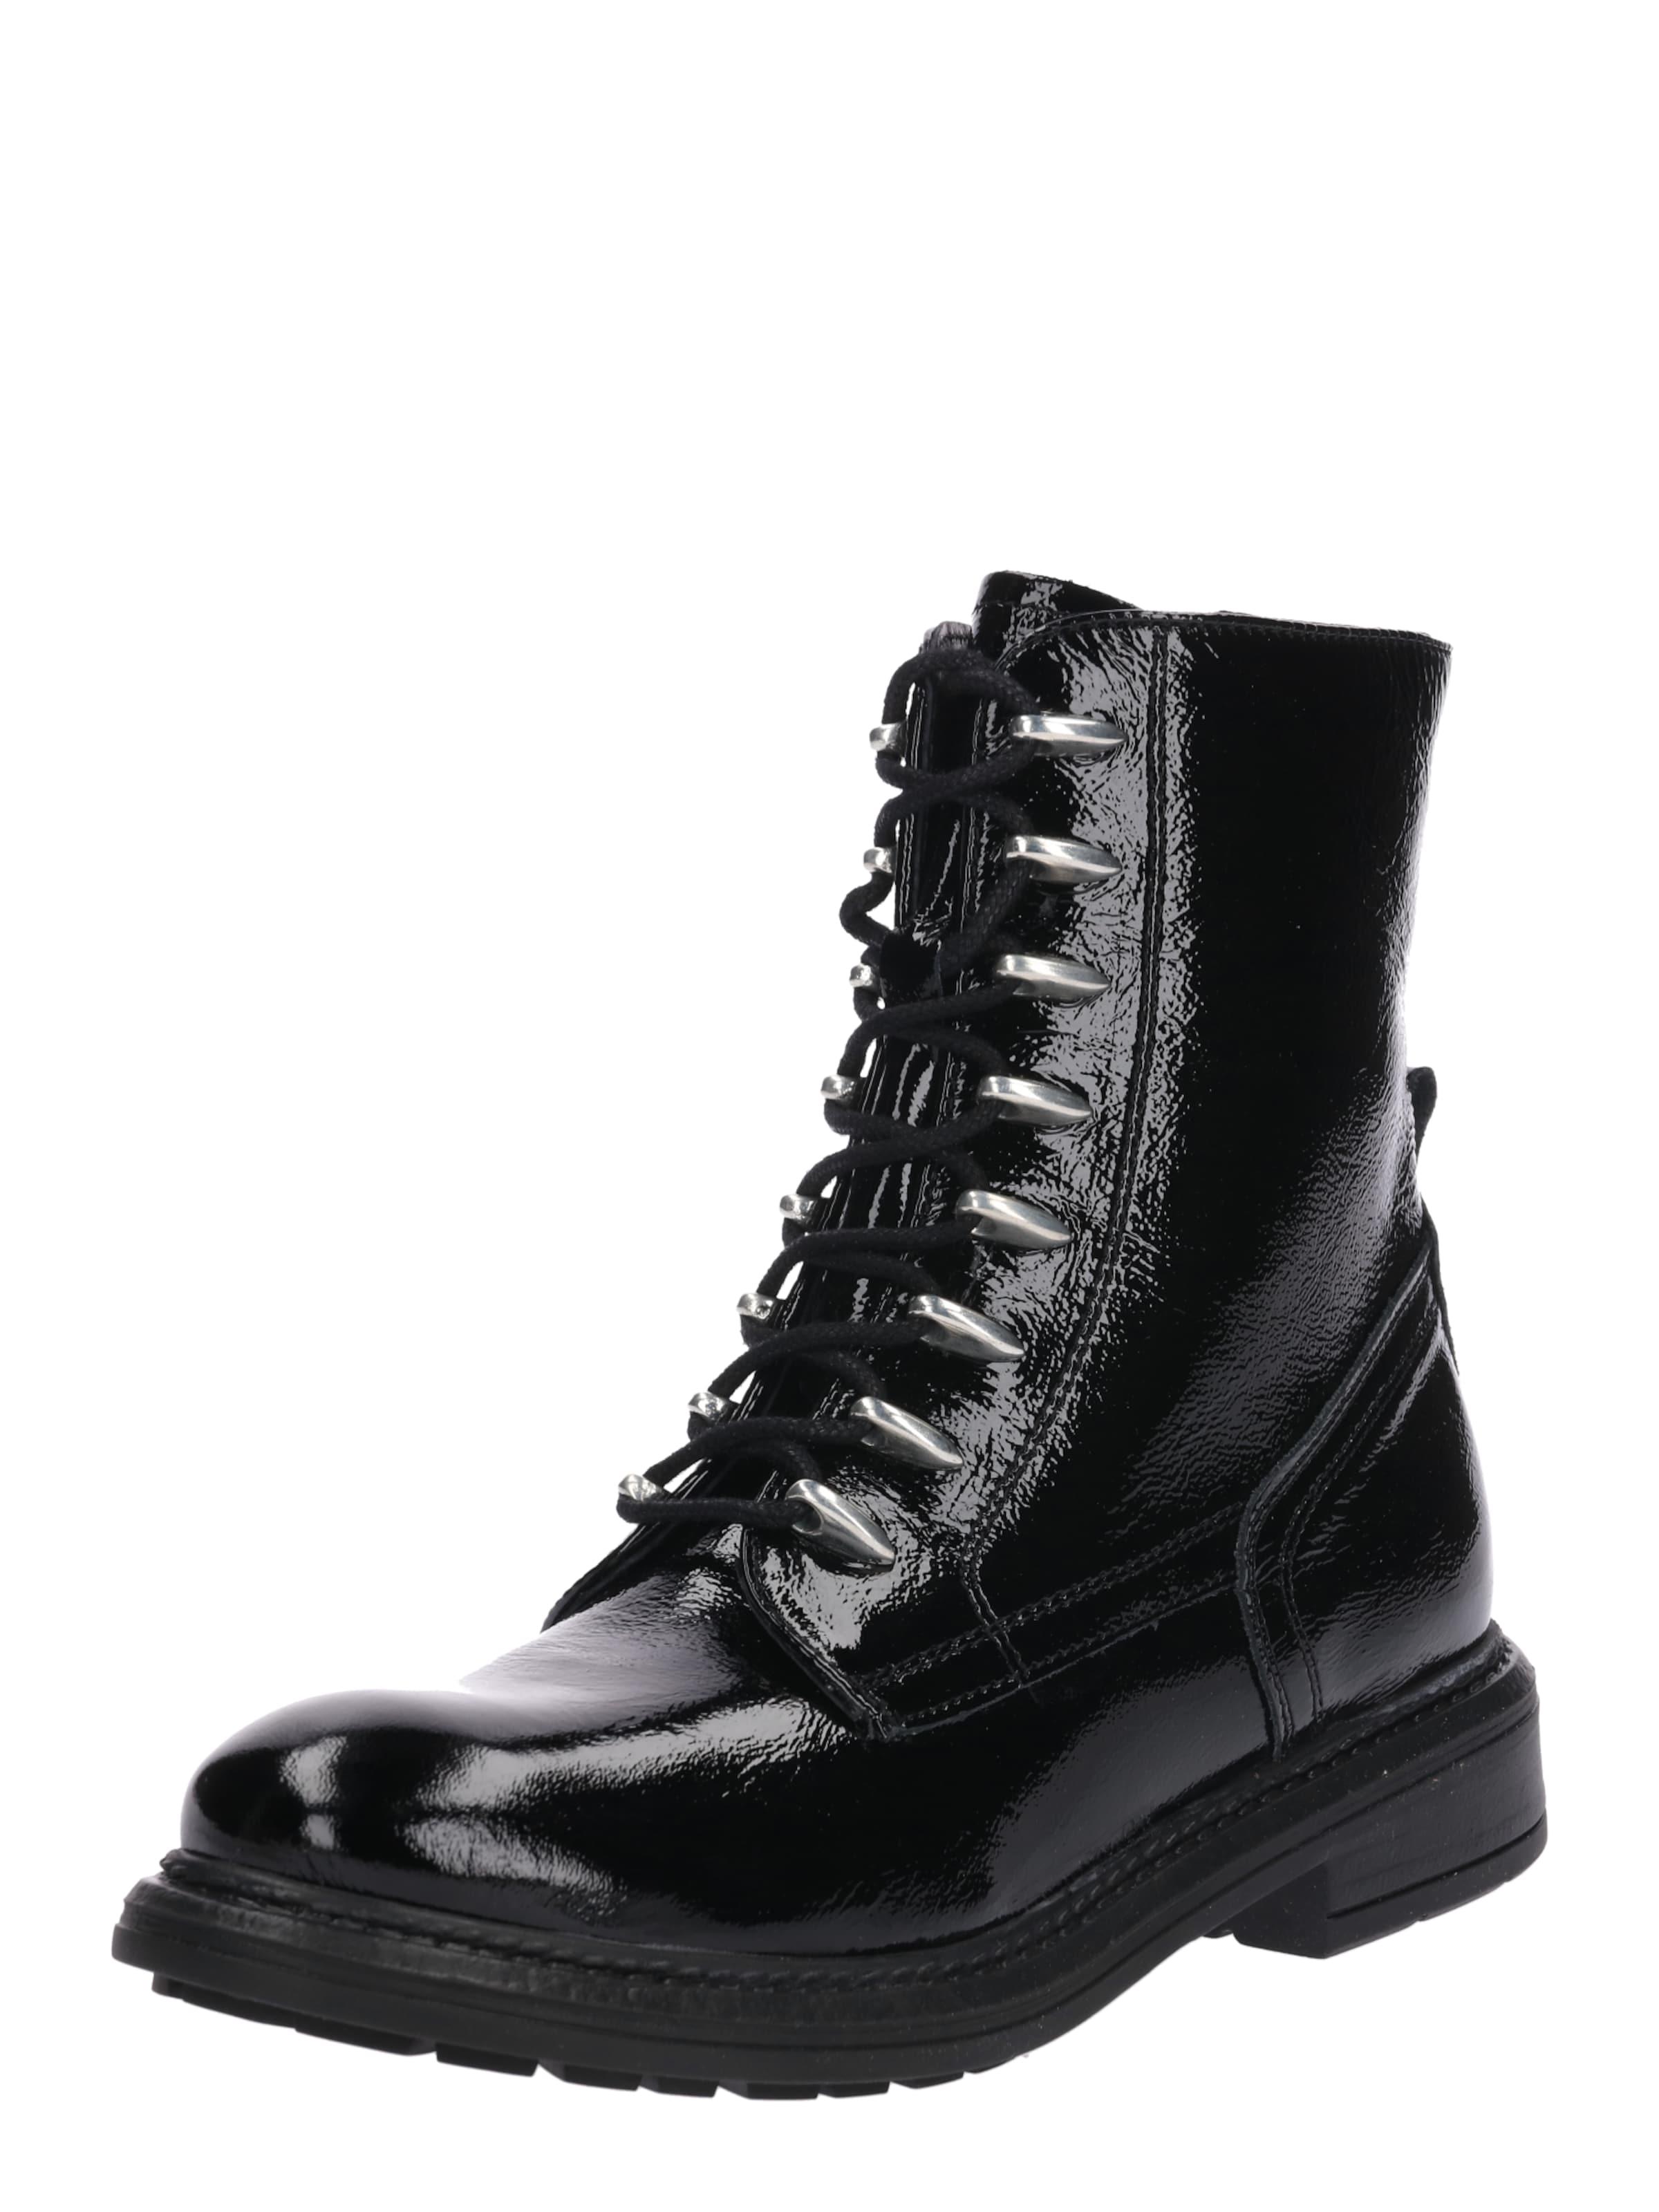 PS Poelman Schnürstiefelette Günstige und langlebige Schuhe